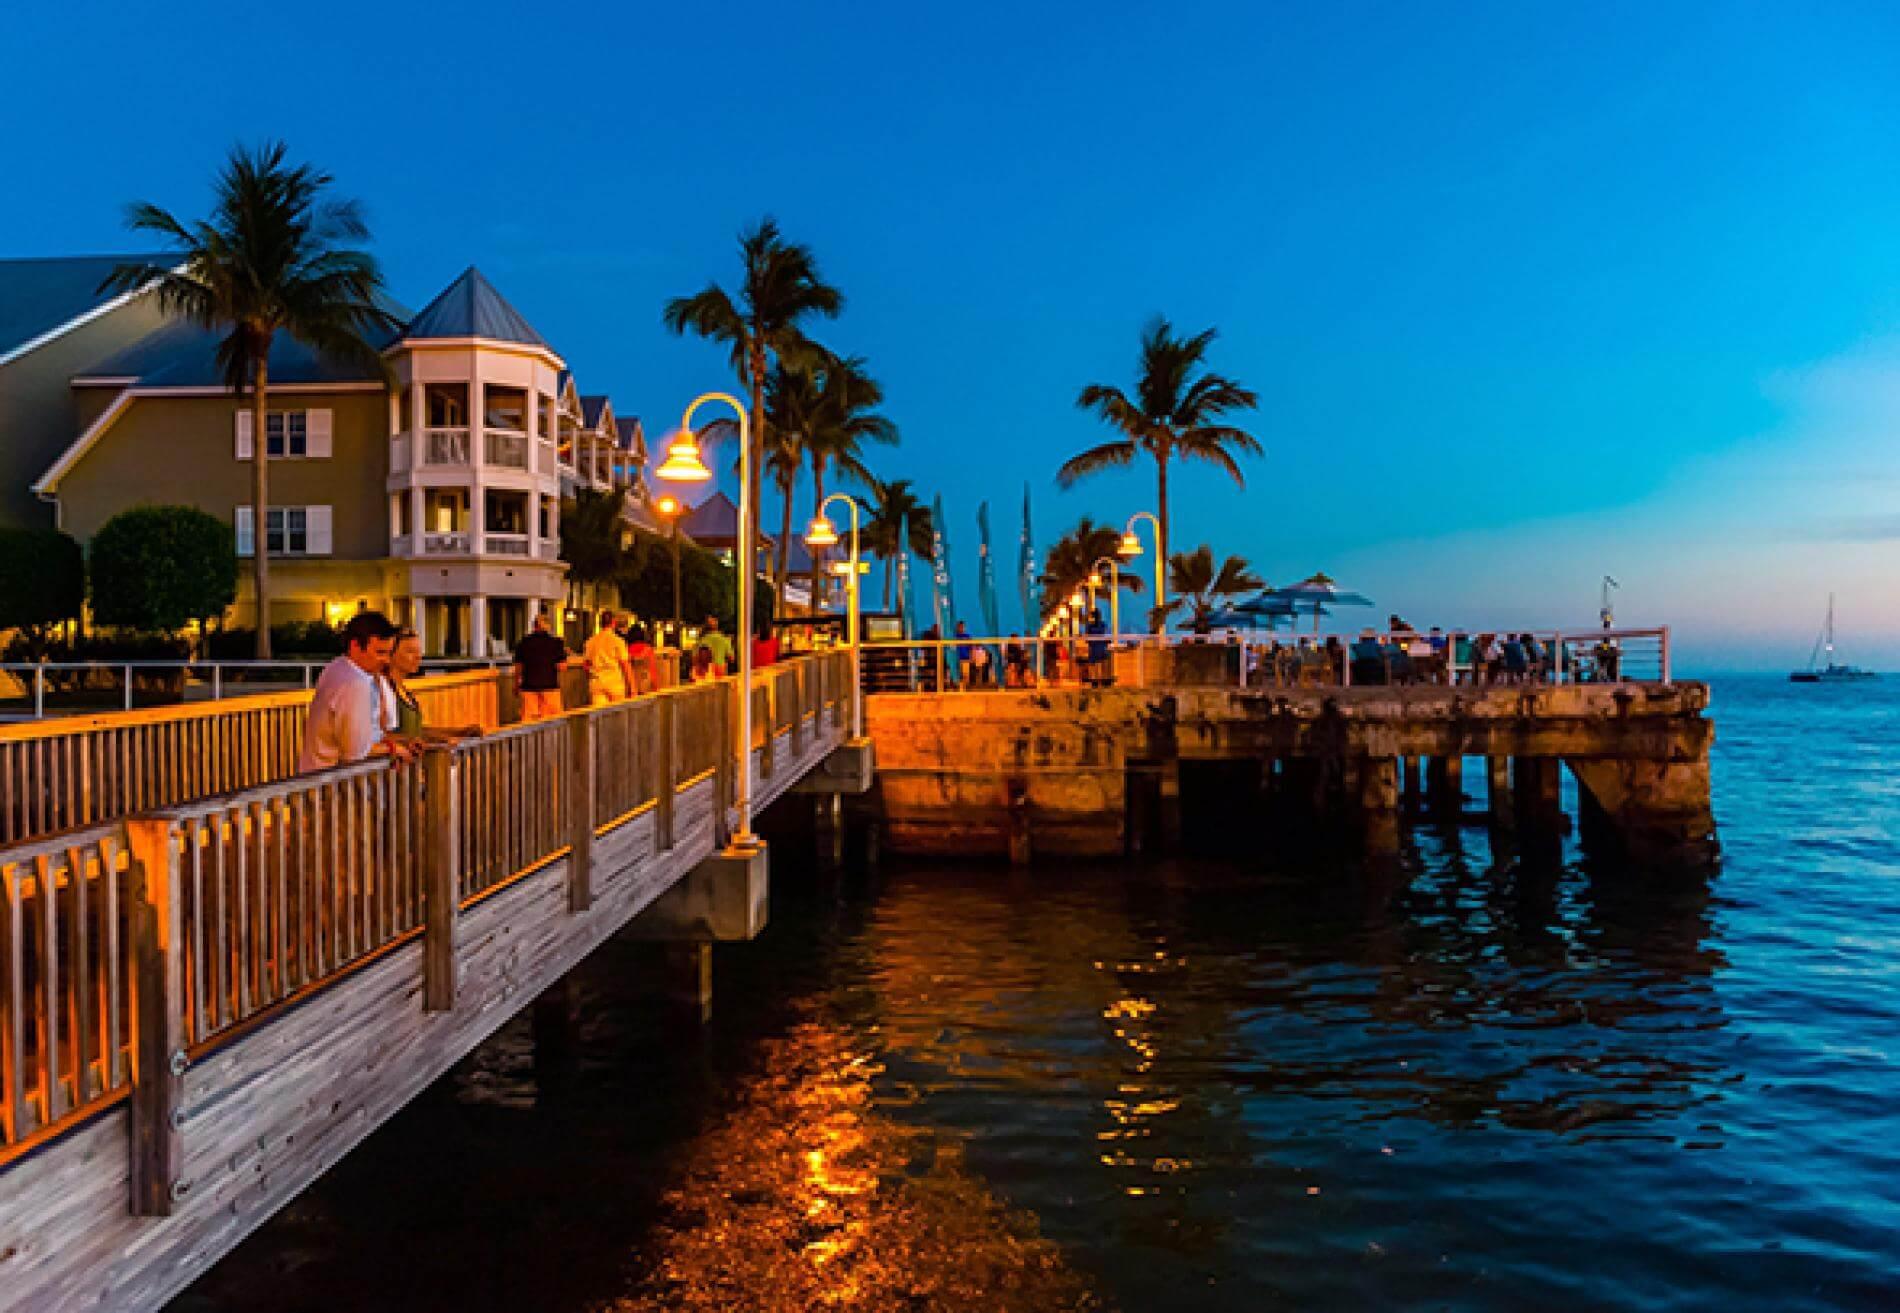 Pontos turísticos em Key West: Mallory Square